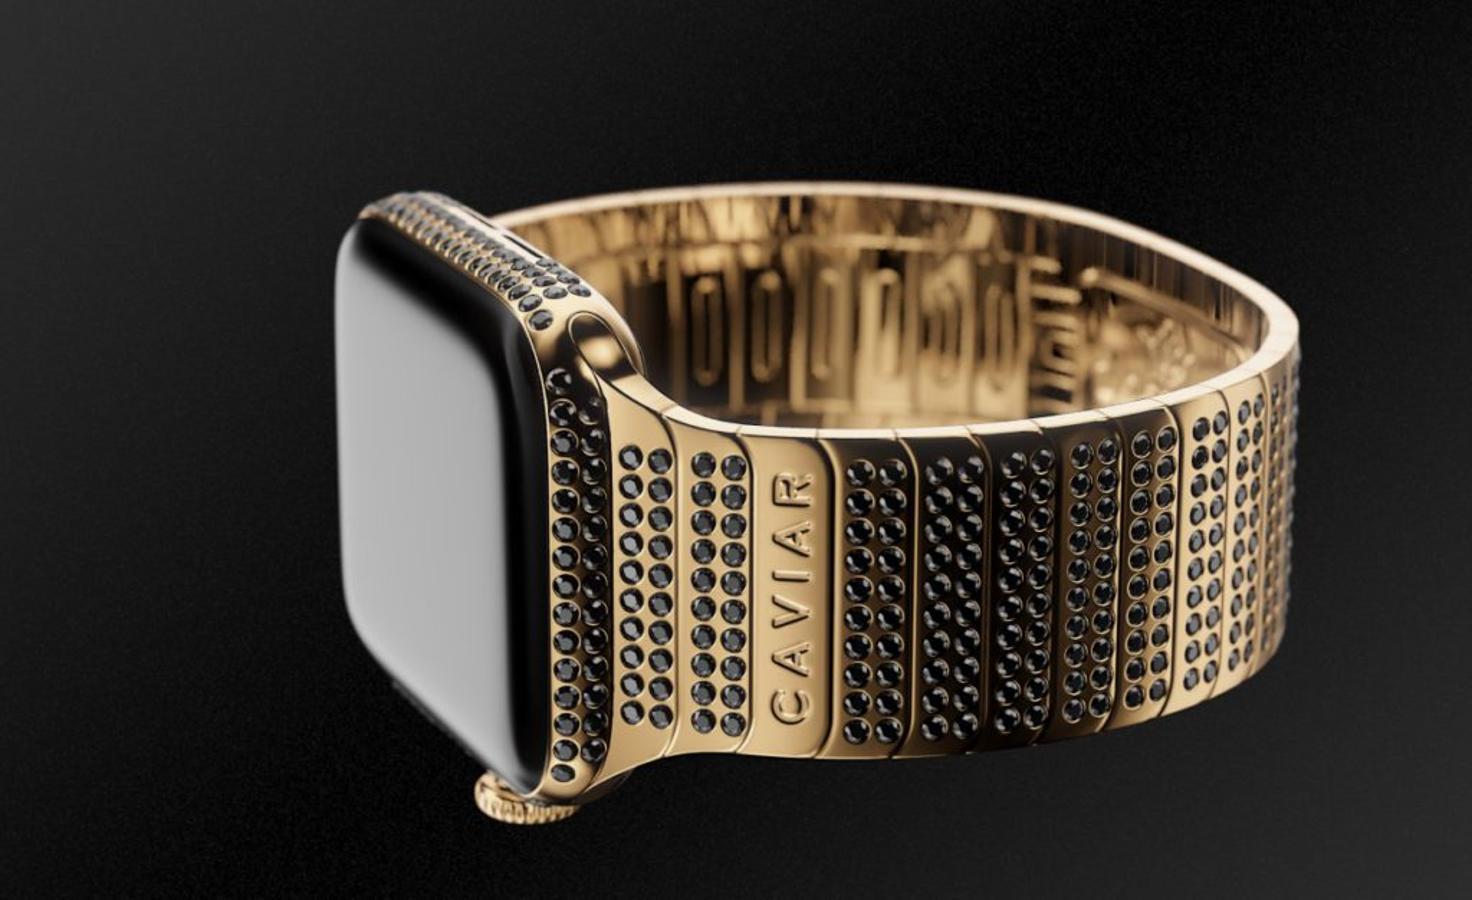 dabe6c2eb19 Así es el nuevo iPhone de oro con un Apple Watch incrustado